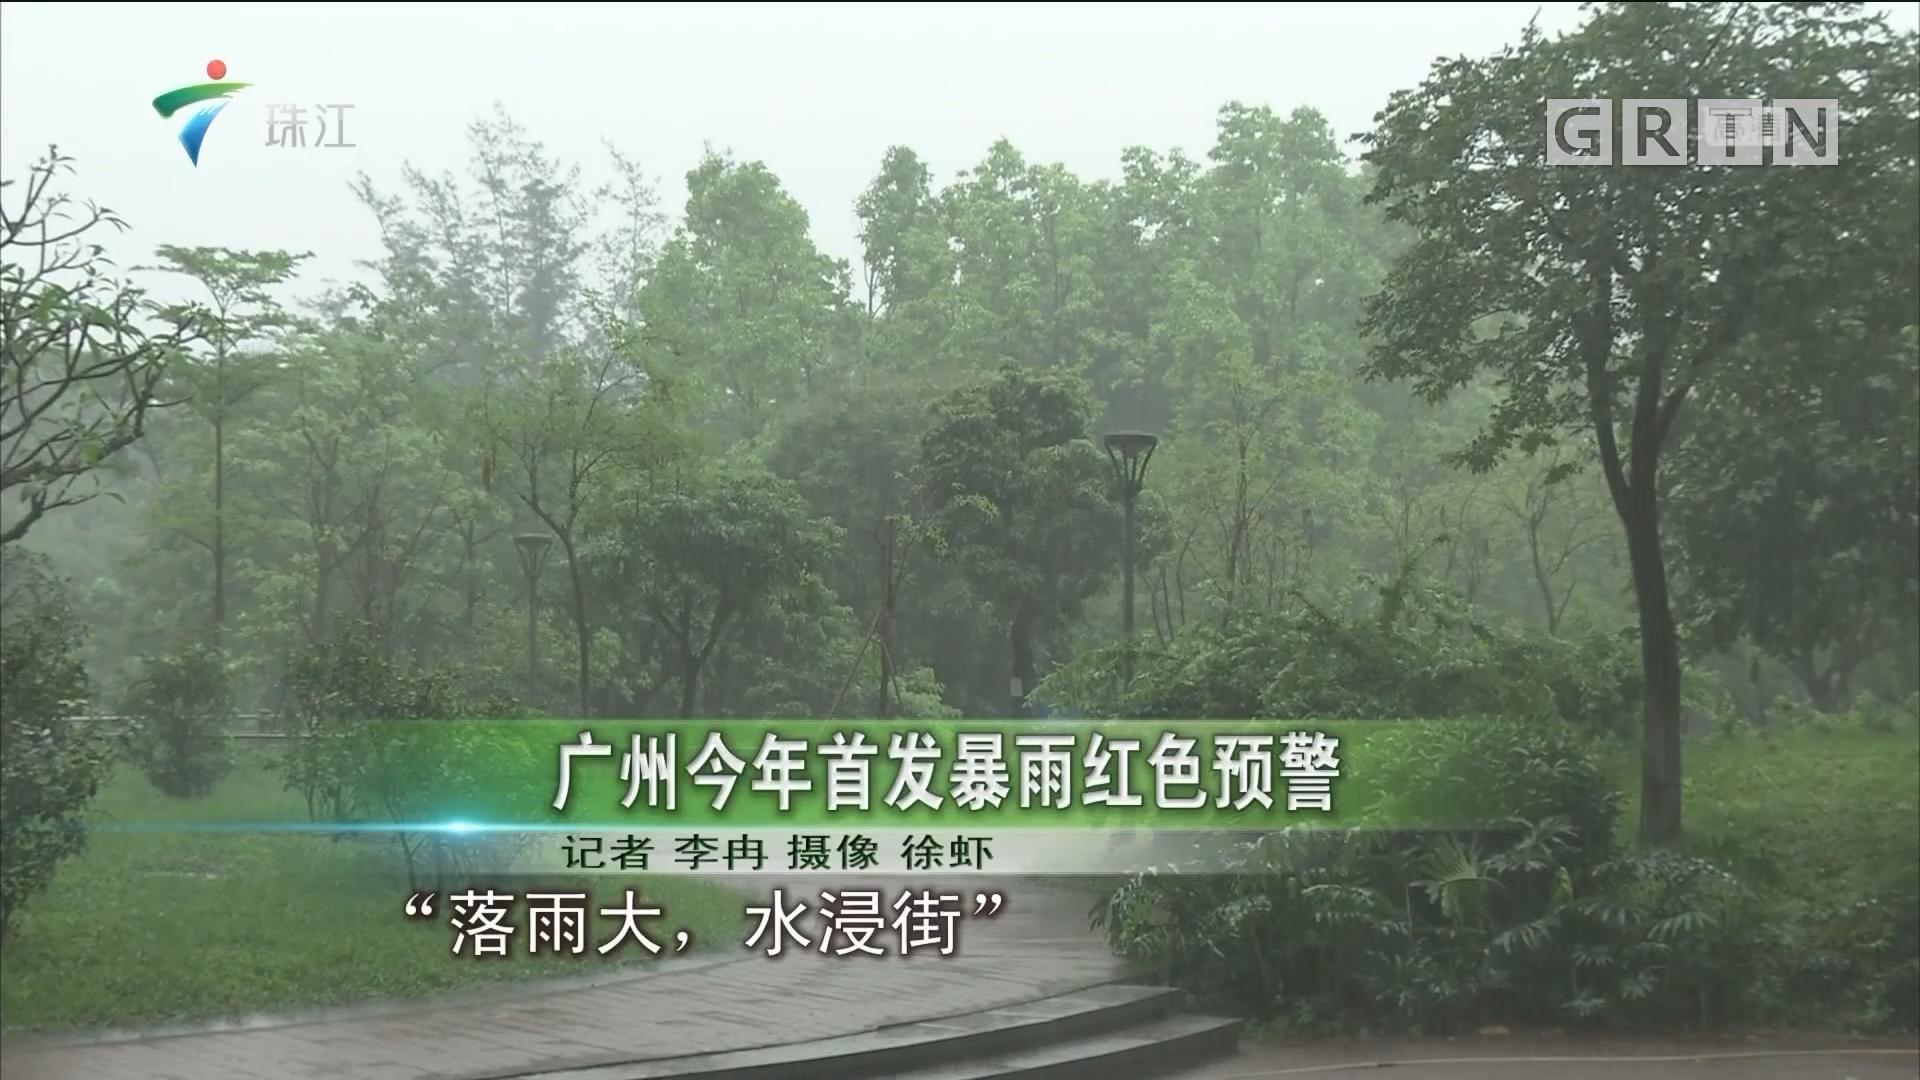 广州今年首发暴雨红色预警